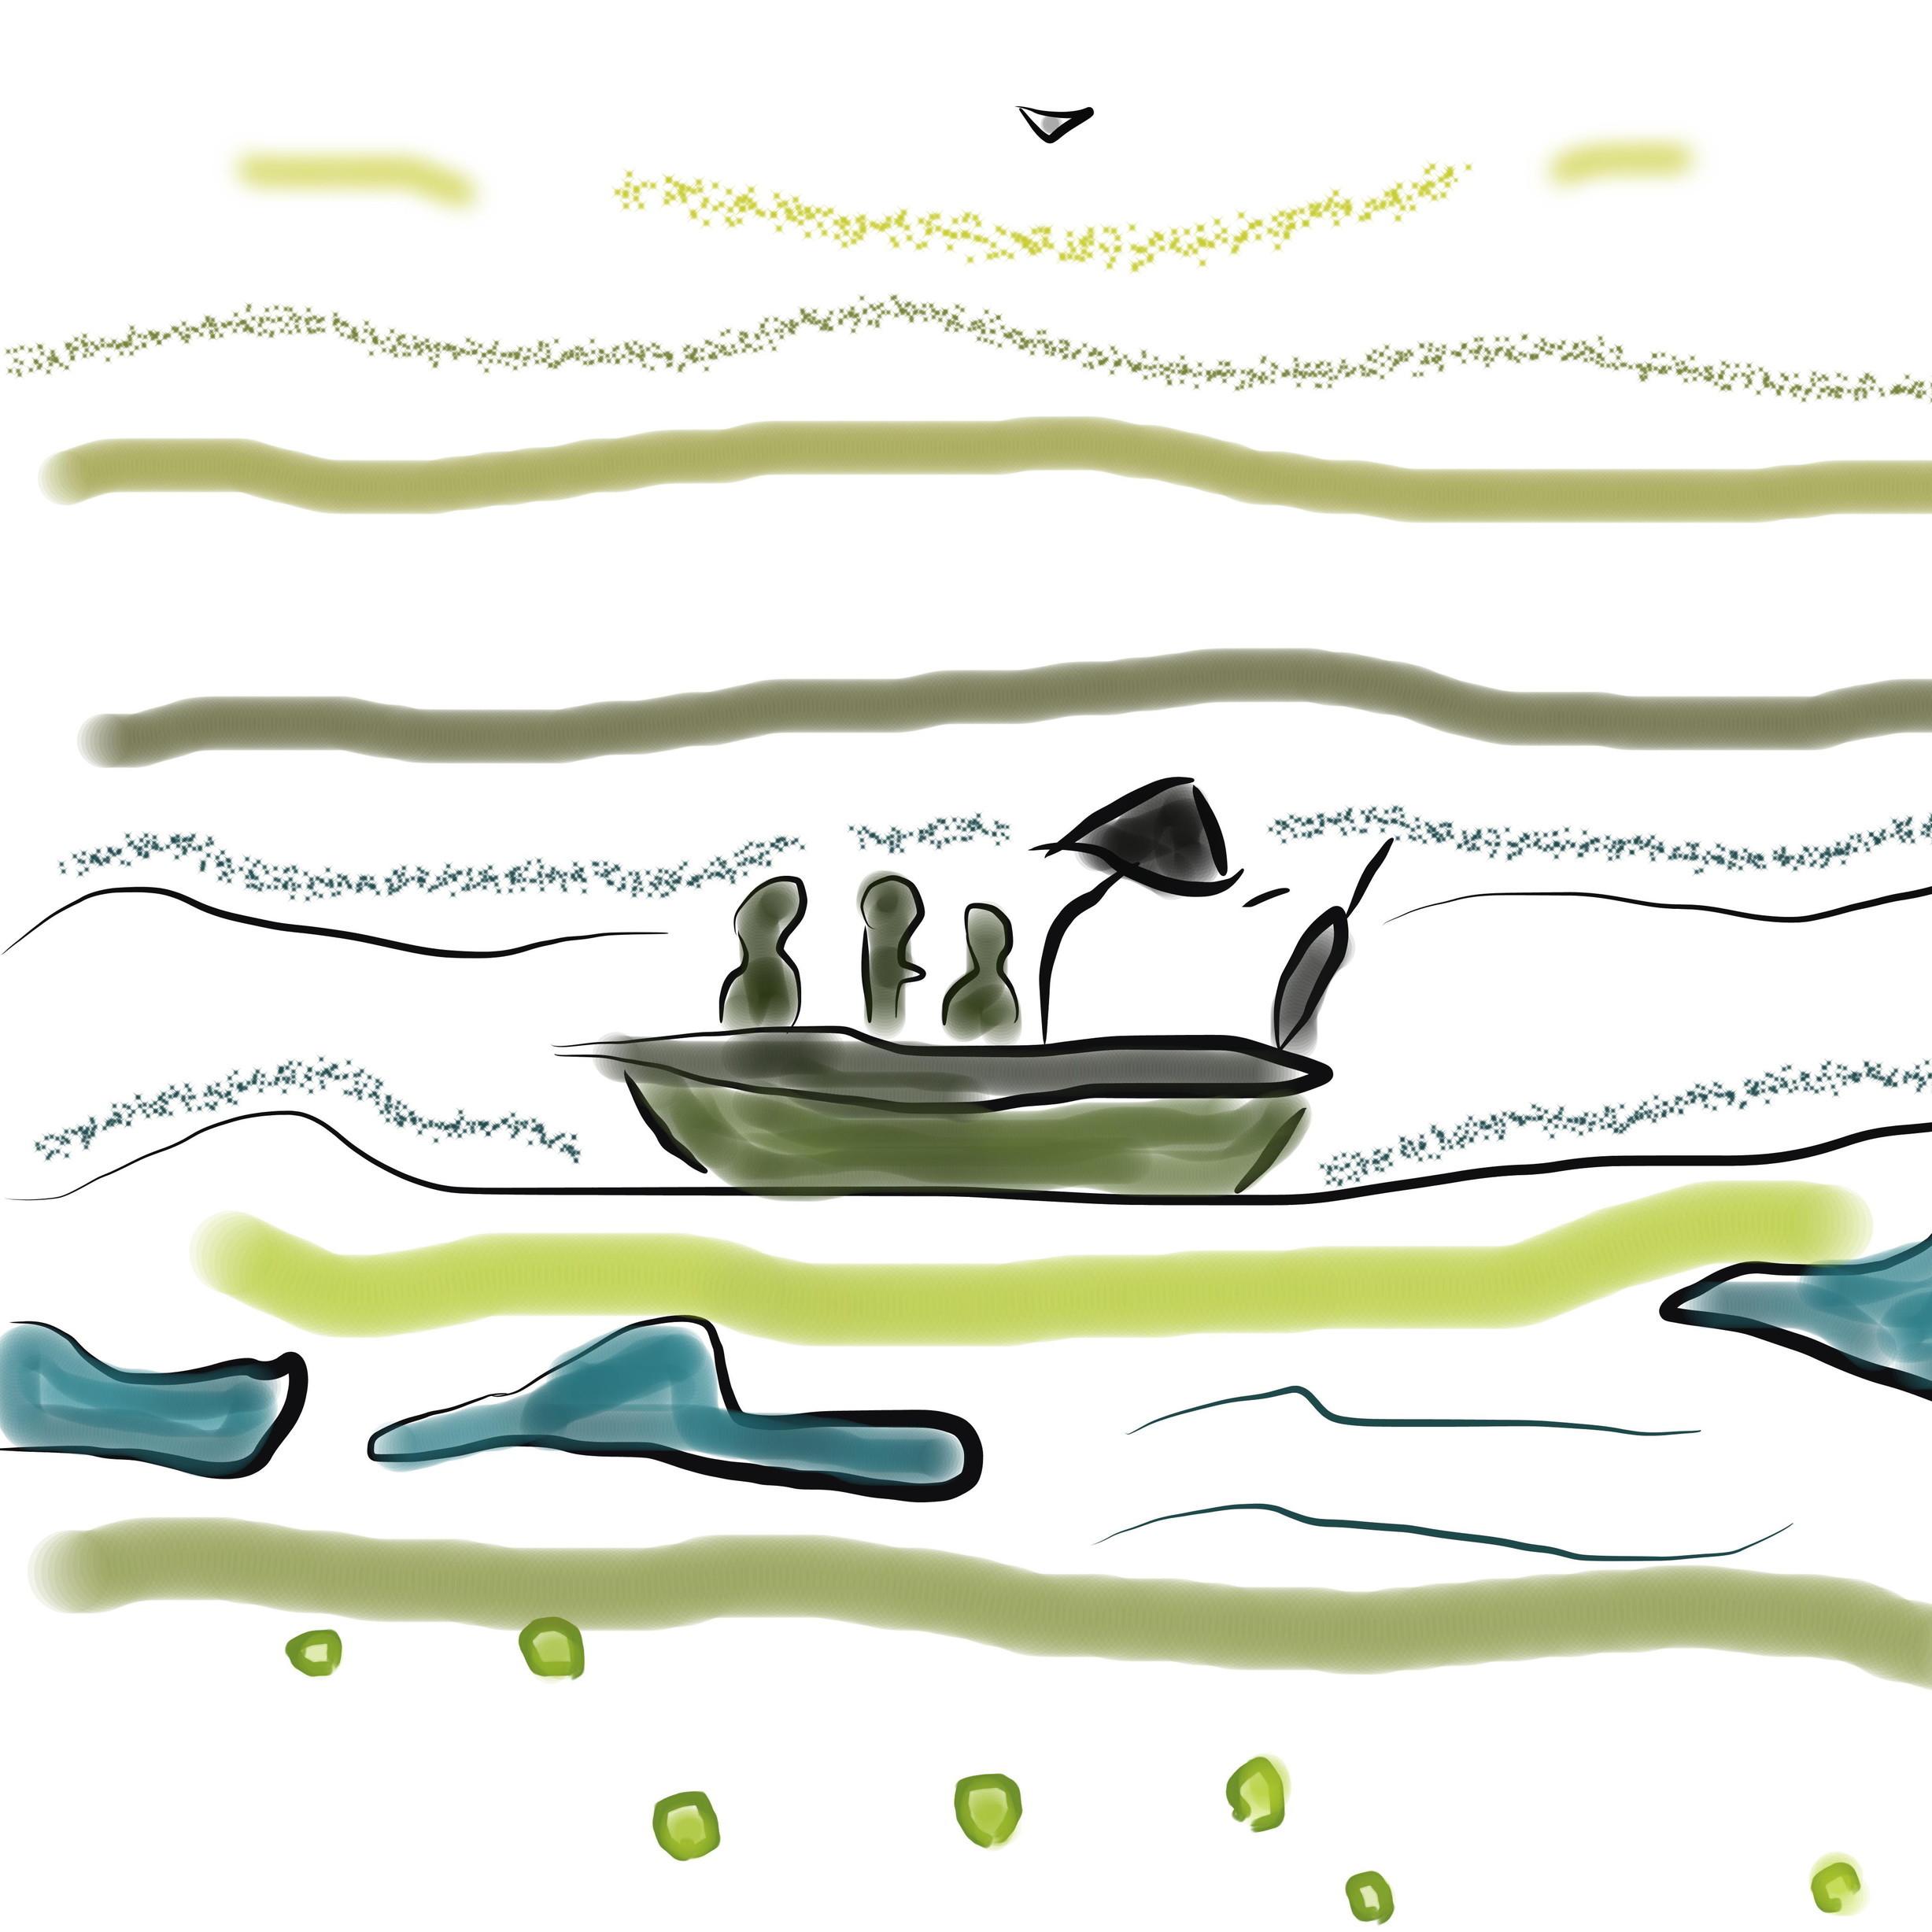 絵画 インテリア アートパネル 雑貨 壁掛け 置物 おしゃれ 風景画 アブストラクトアート ロココロ 画家 : YUTA SASAKI 作品 : 幻想のアジア